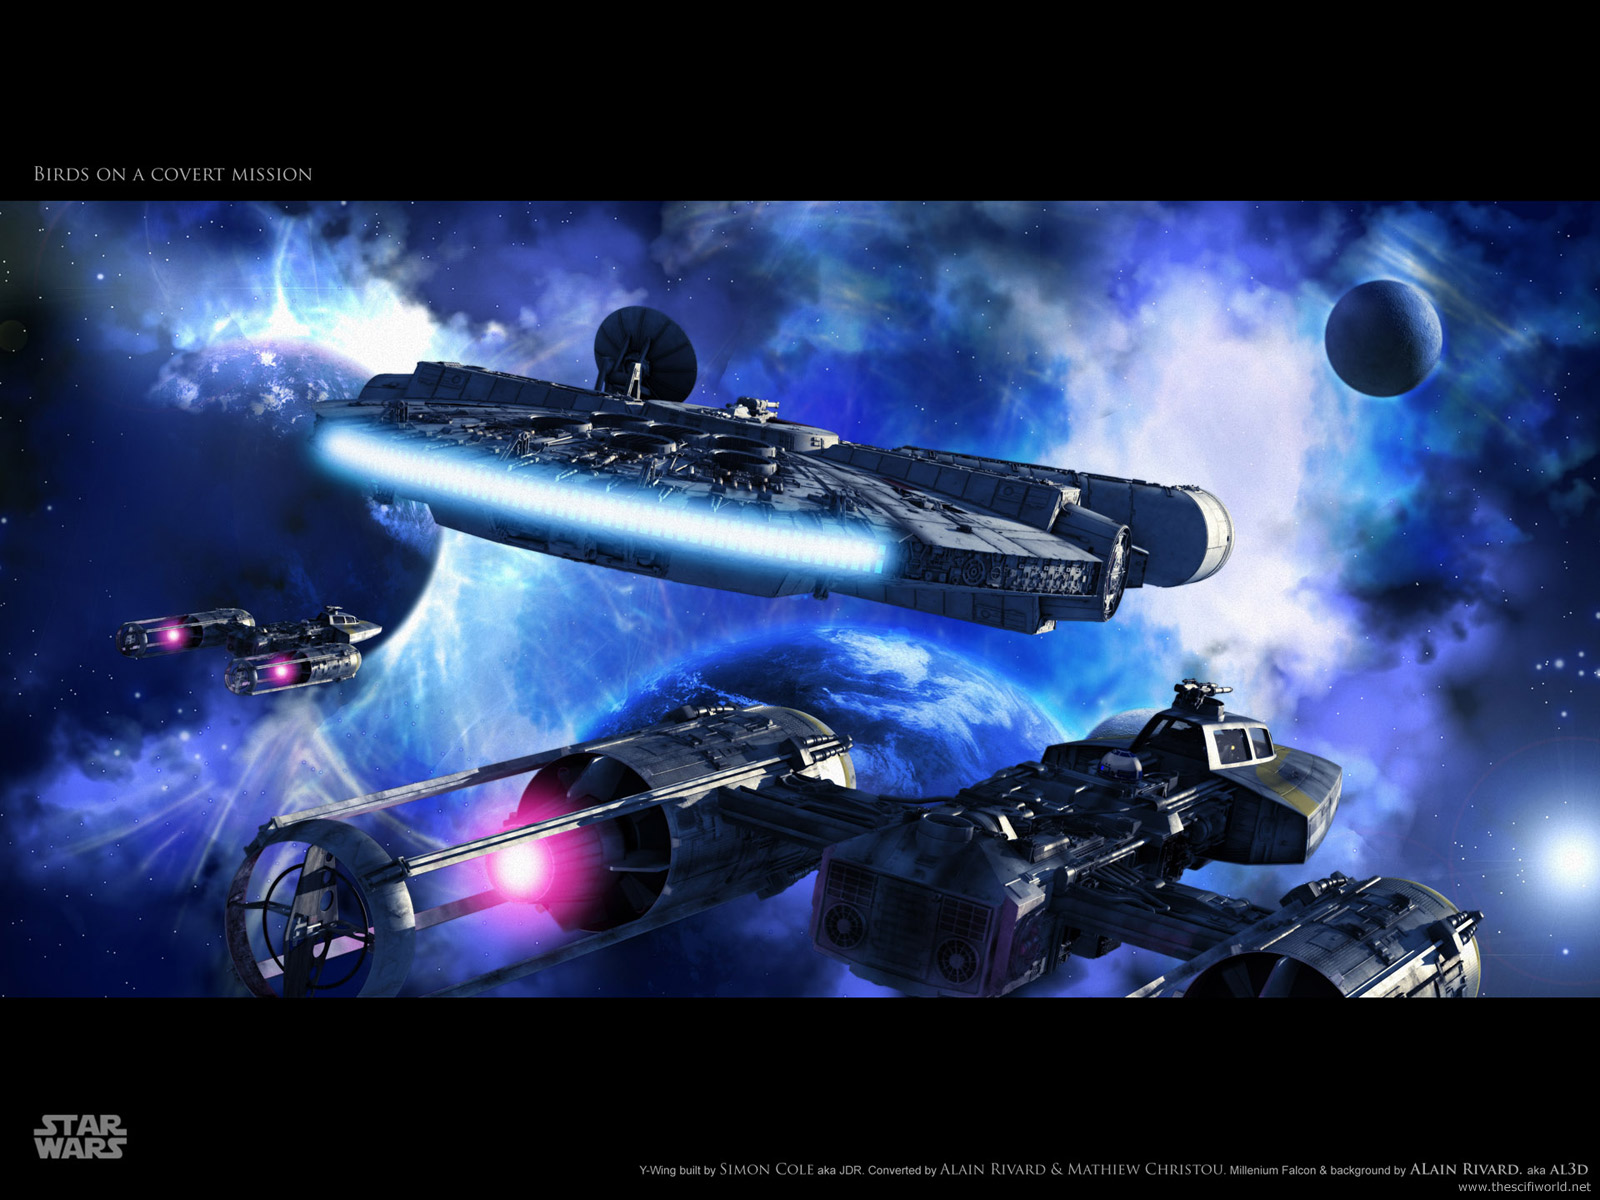 Fondos De Vehiculos: Star Wars Murcia: Fondos De Escritorio